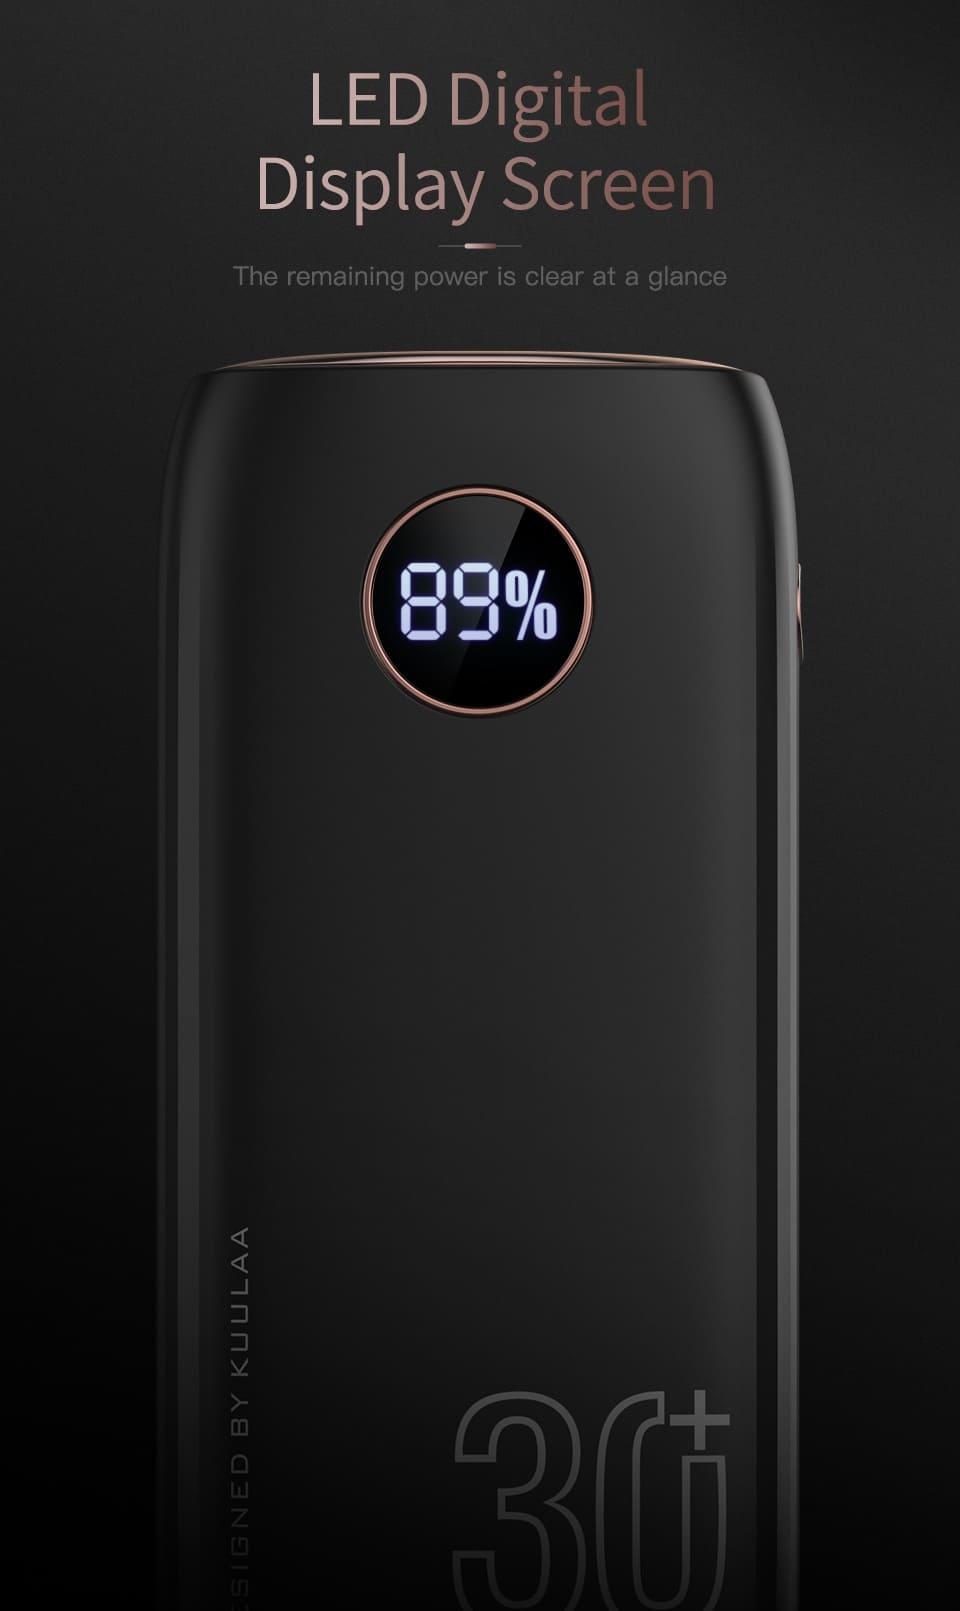 ZPB48 портативный повербанк заказать недорого в екб